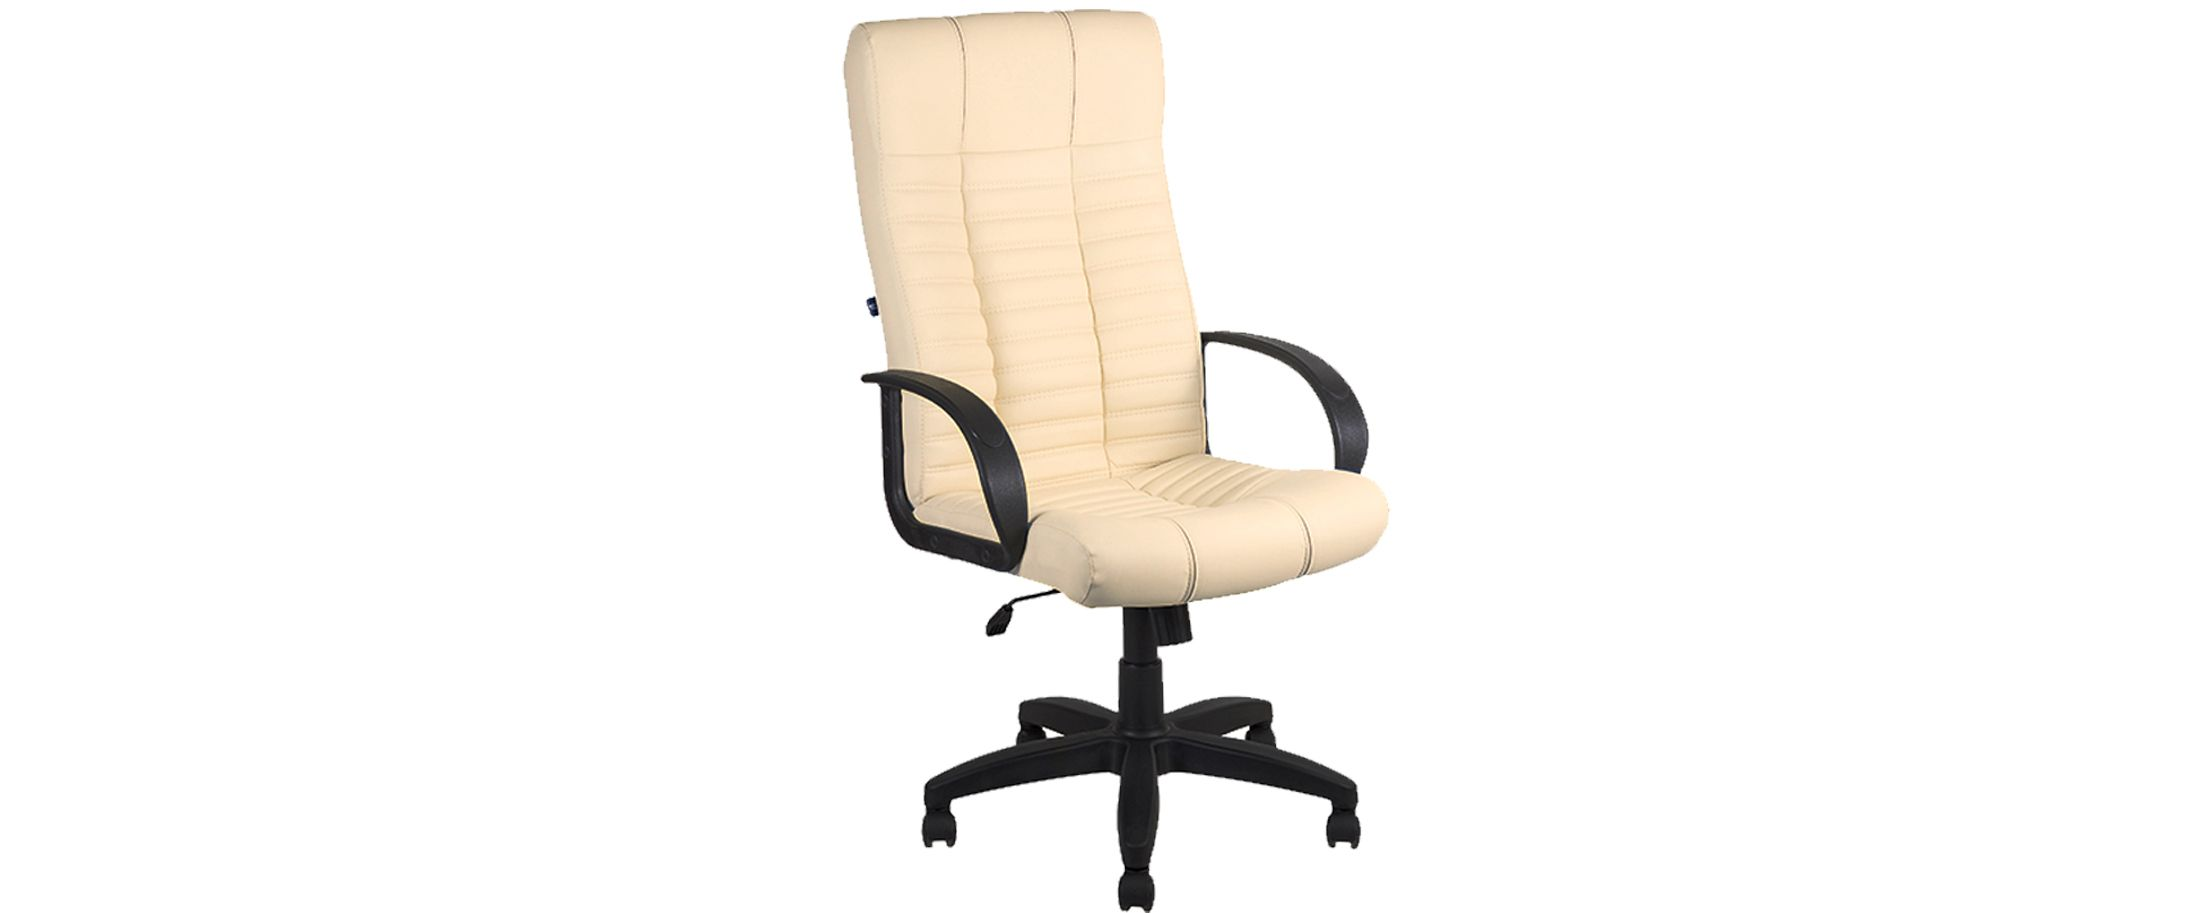 Кресло офисное AV 104 слоновая кость Модель 999Кресло офисное AV 104 слоновая кость Модель 999. Артикул Д000672<br>